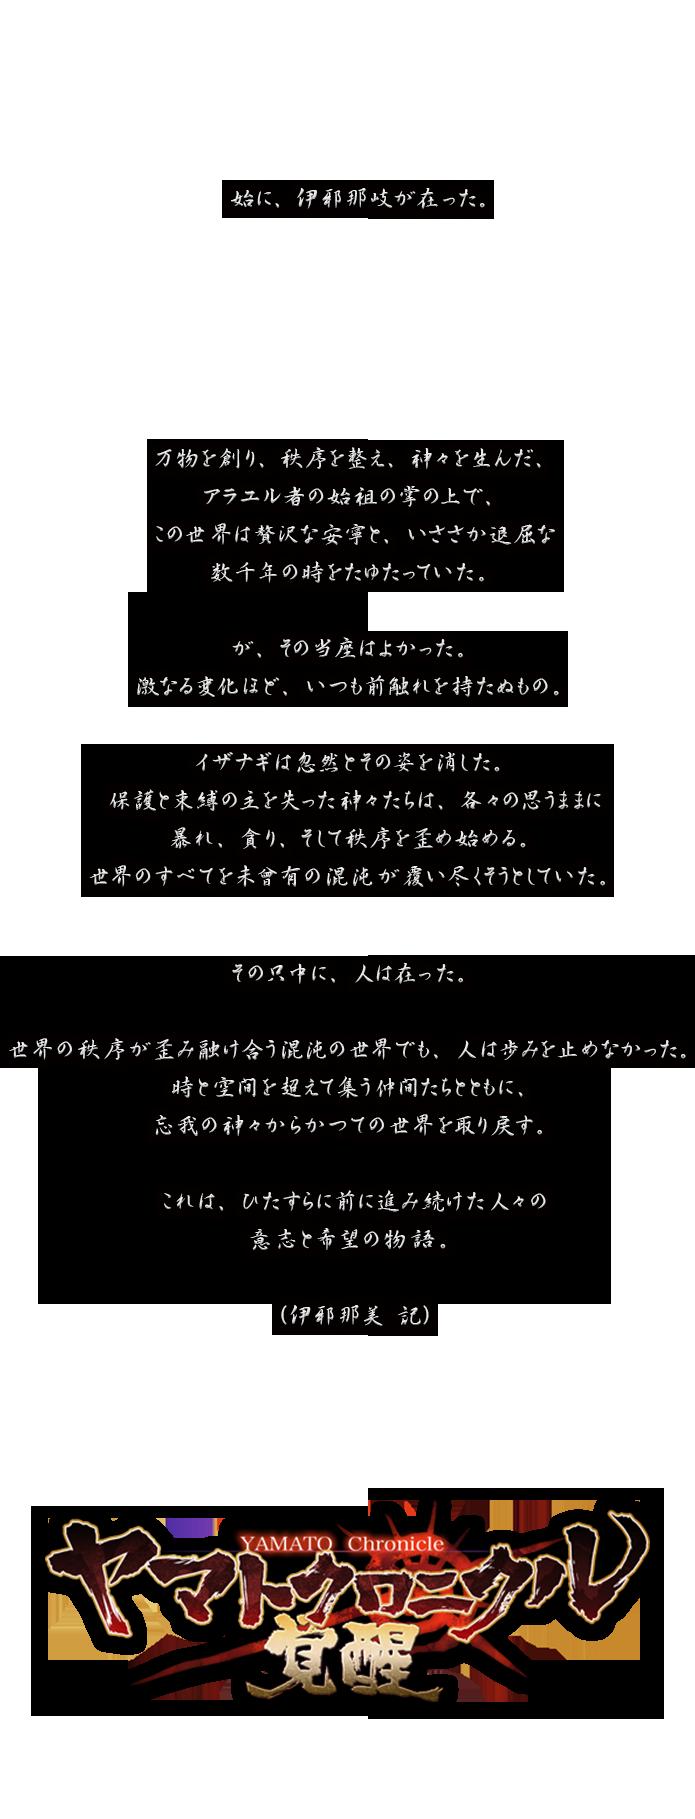 ヤマトクロニクル覚醒 物語(伊邪那美 記)